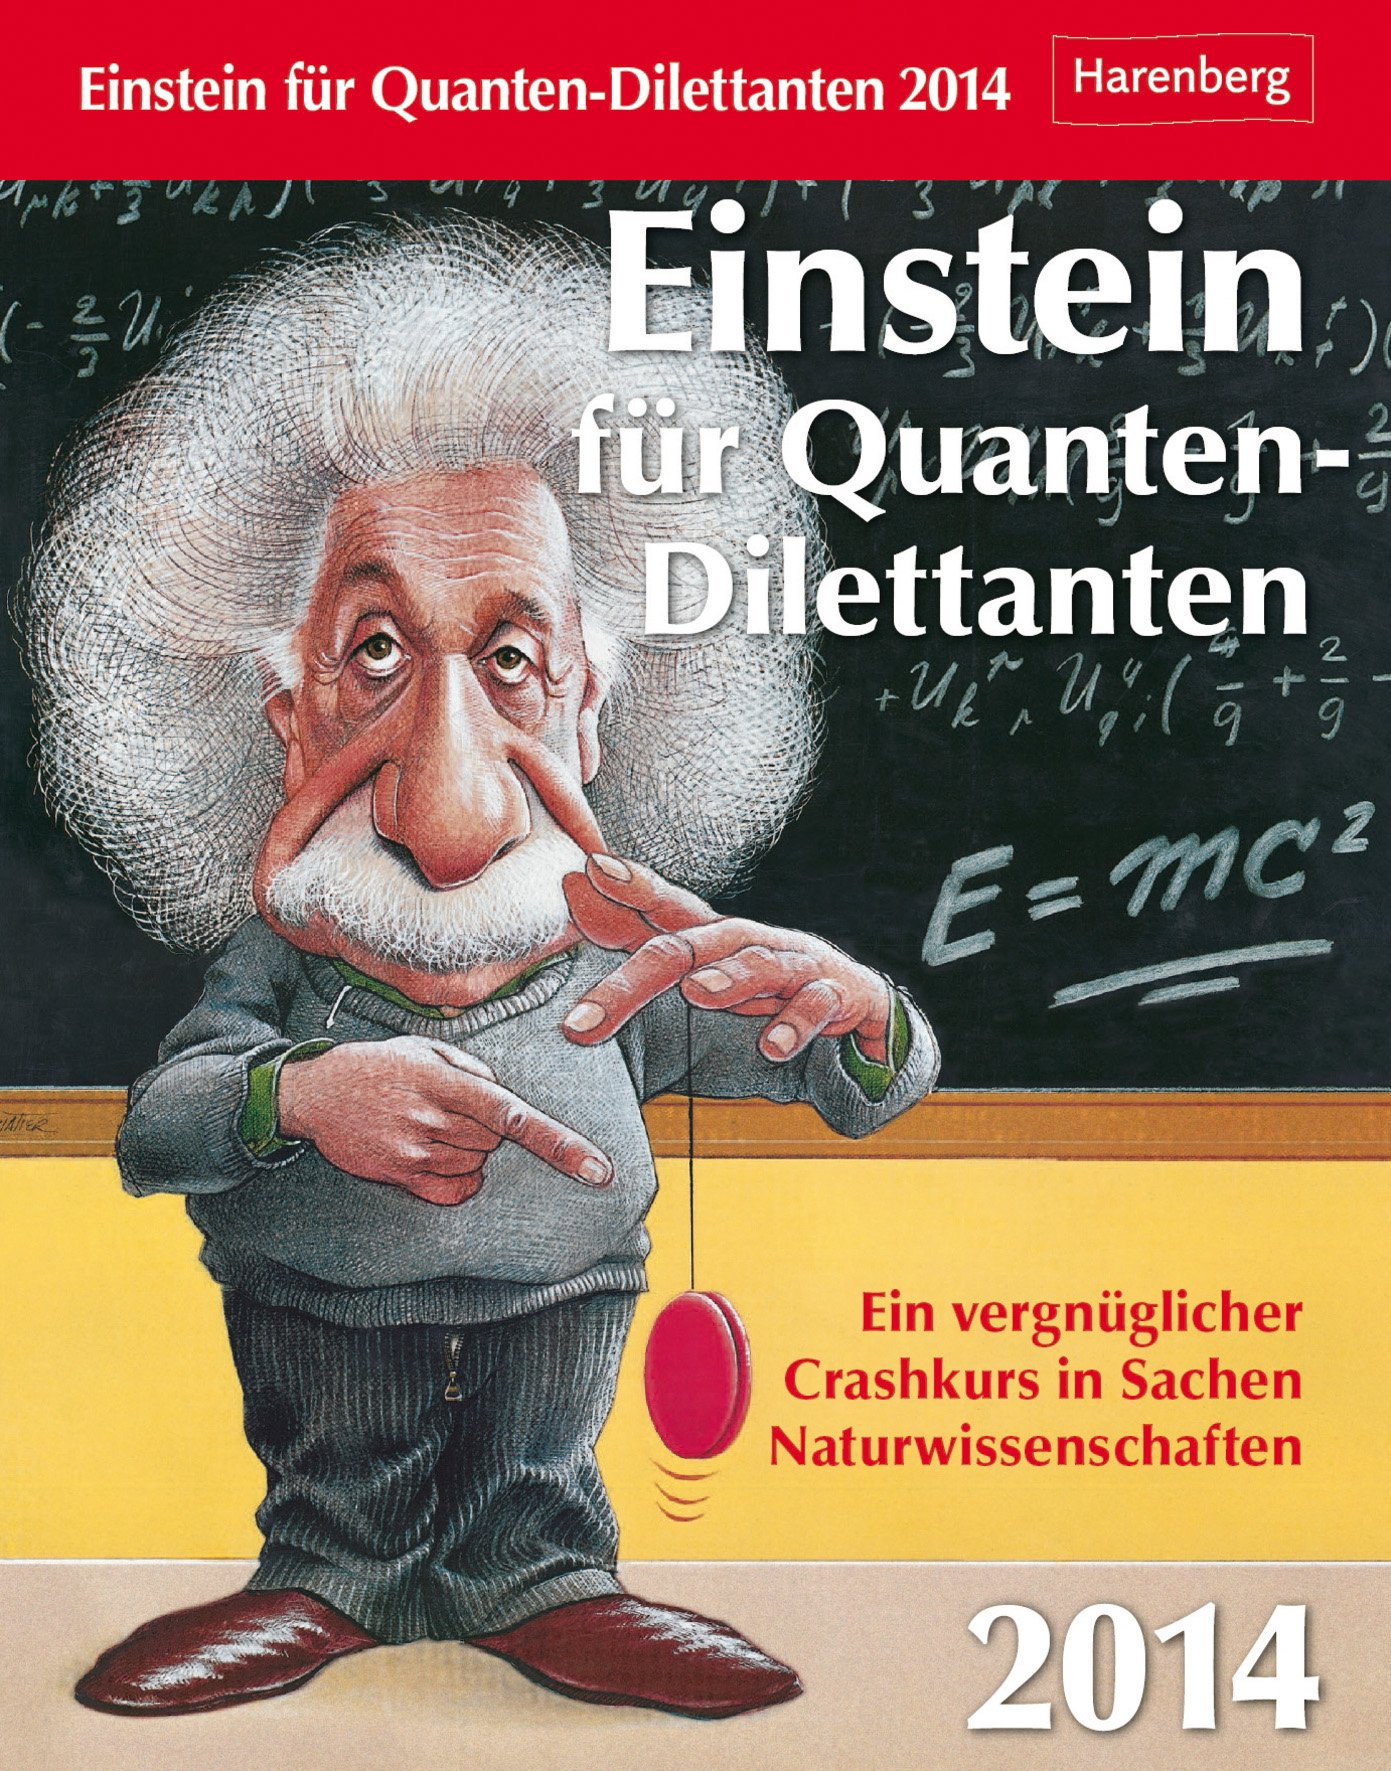 Einstein für Quanten-Dilettanten 2014: Ein vergnüglicher Crashkurs in Sachen Naturwissenschaften